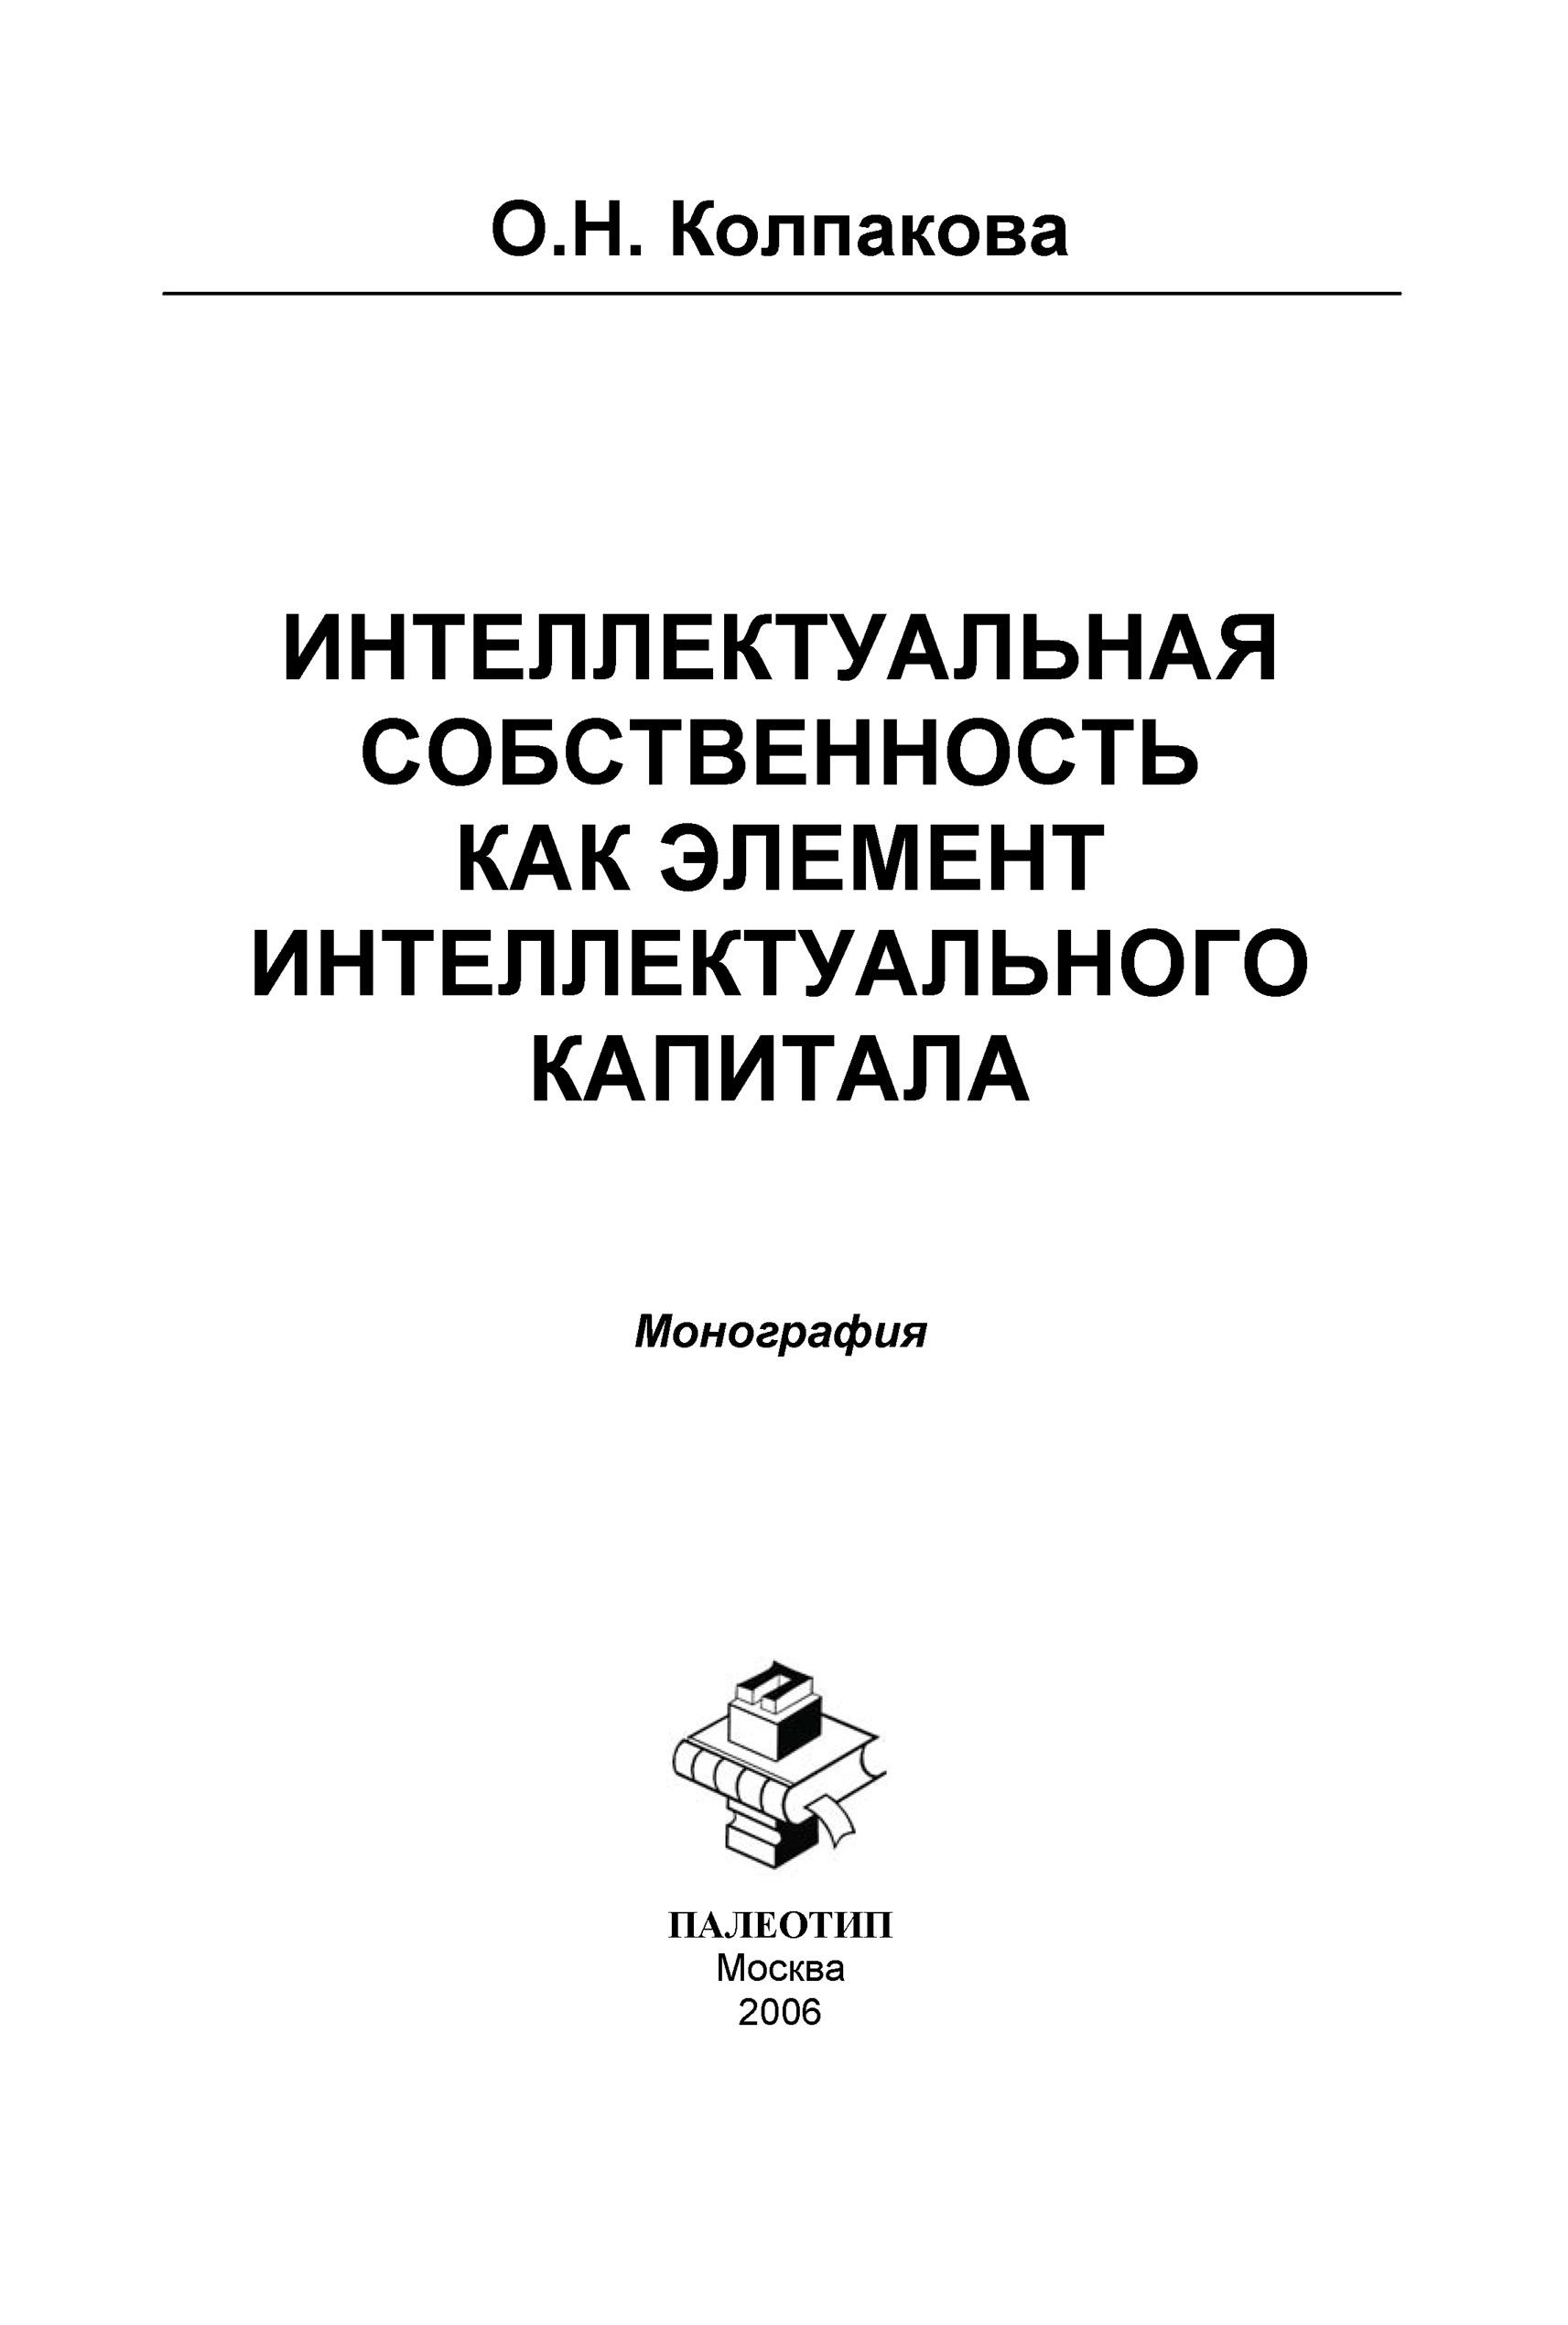 Ольга Колпакова Интеллектуальная собственность как элемент интеллектуального капитала. Монография воронов в финансовая инженерия в экономике интеллектуальной собственности монография